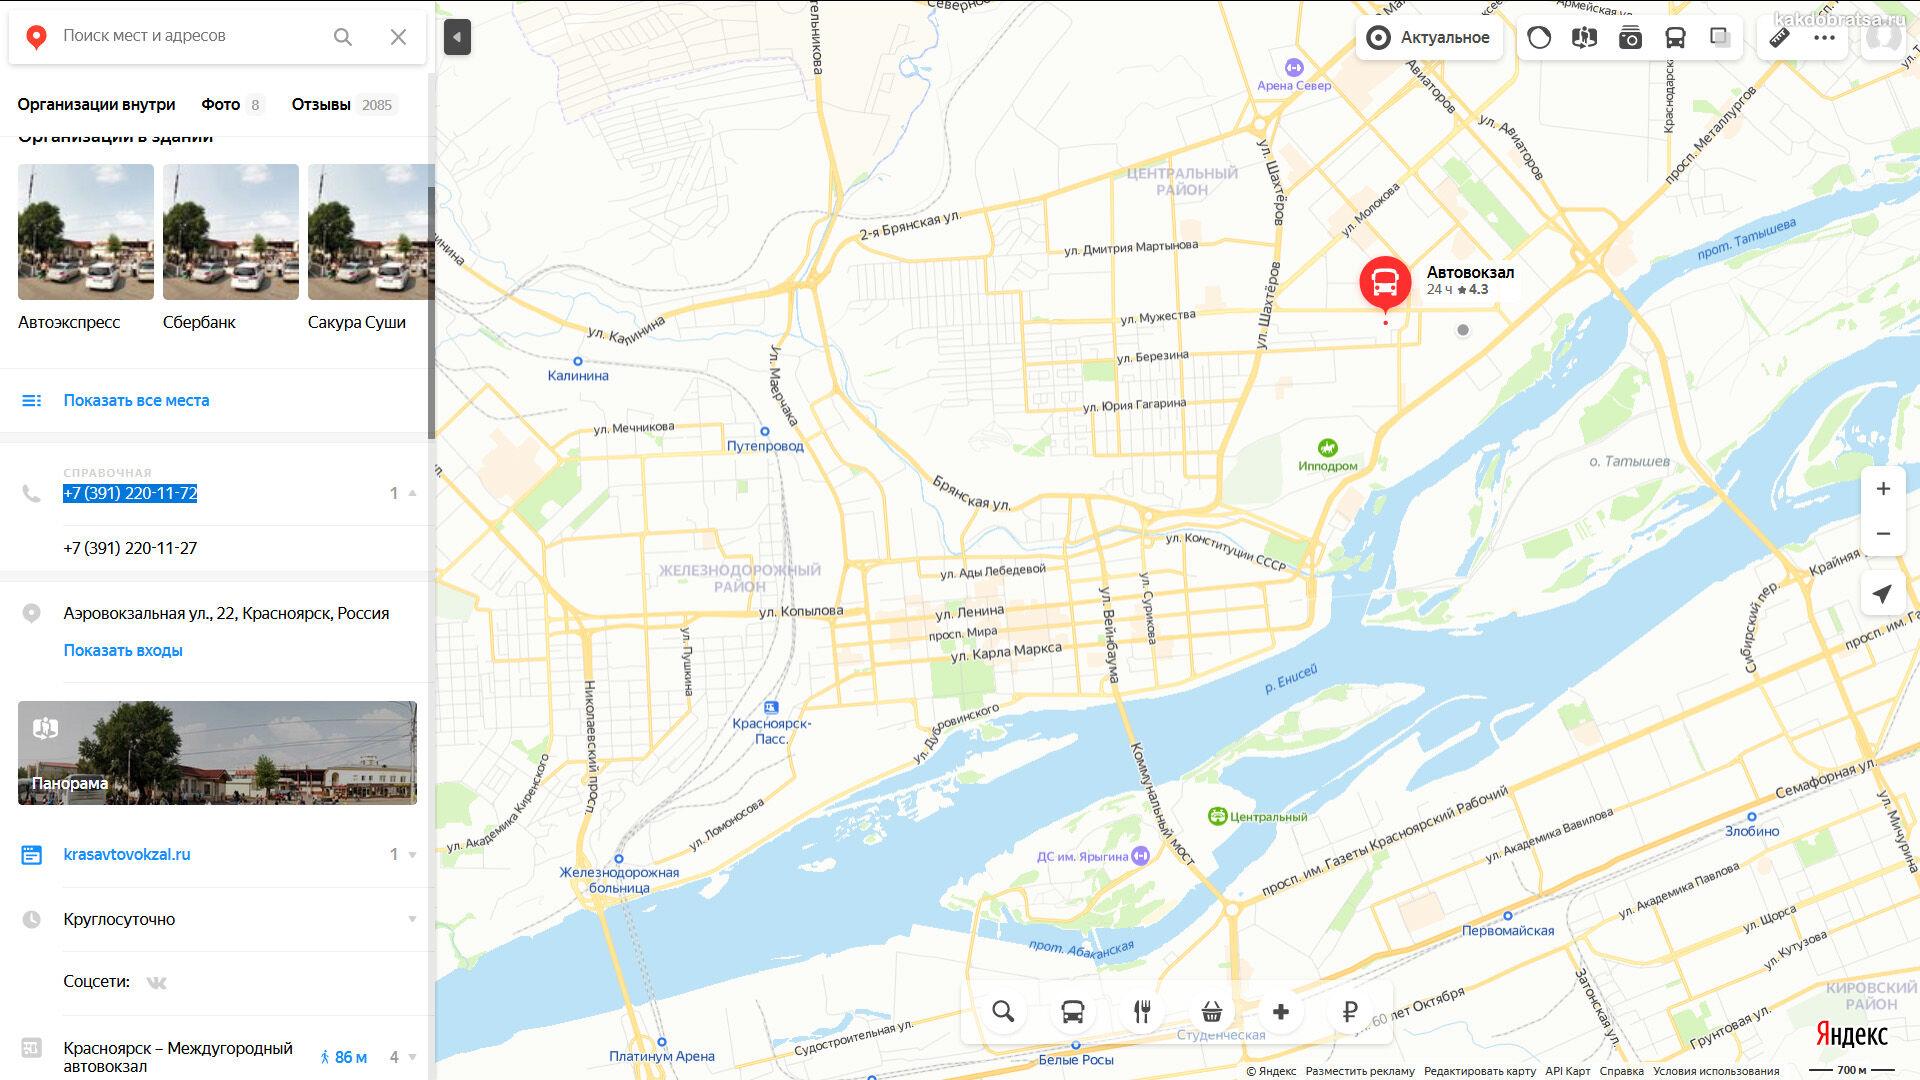 Автовокзал Красноярска на карте, адрес и как добраться